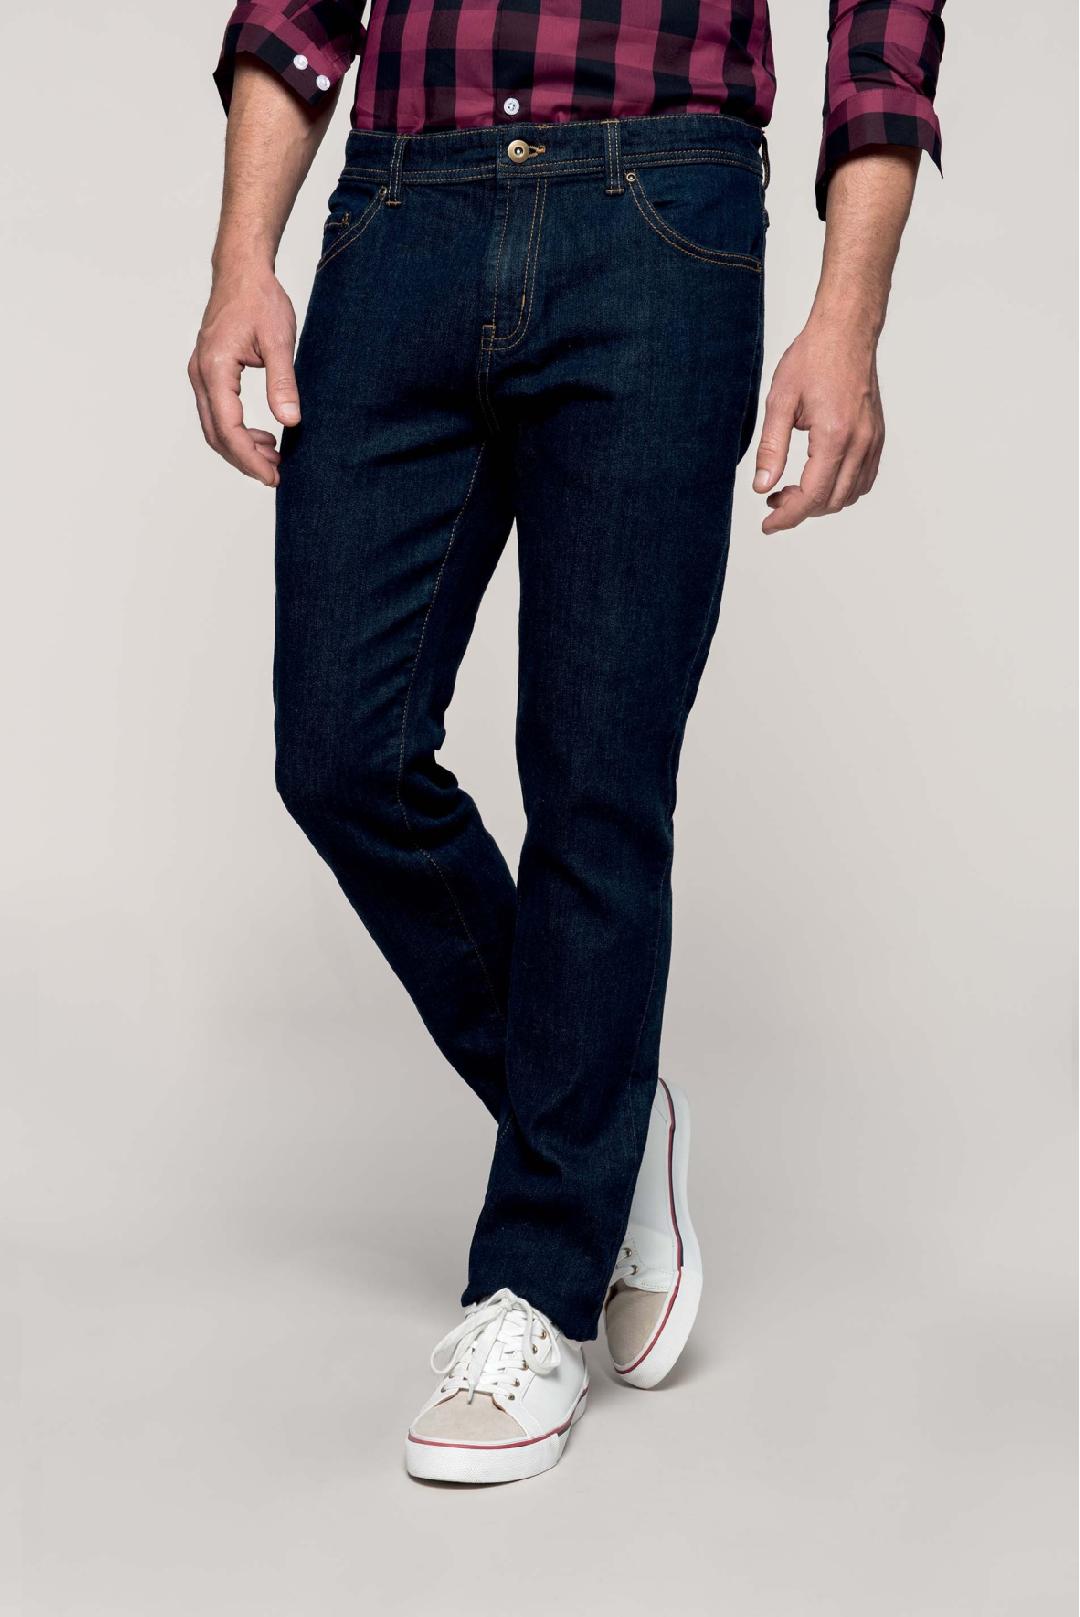 Basic Men's denim trousers